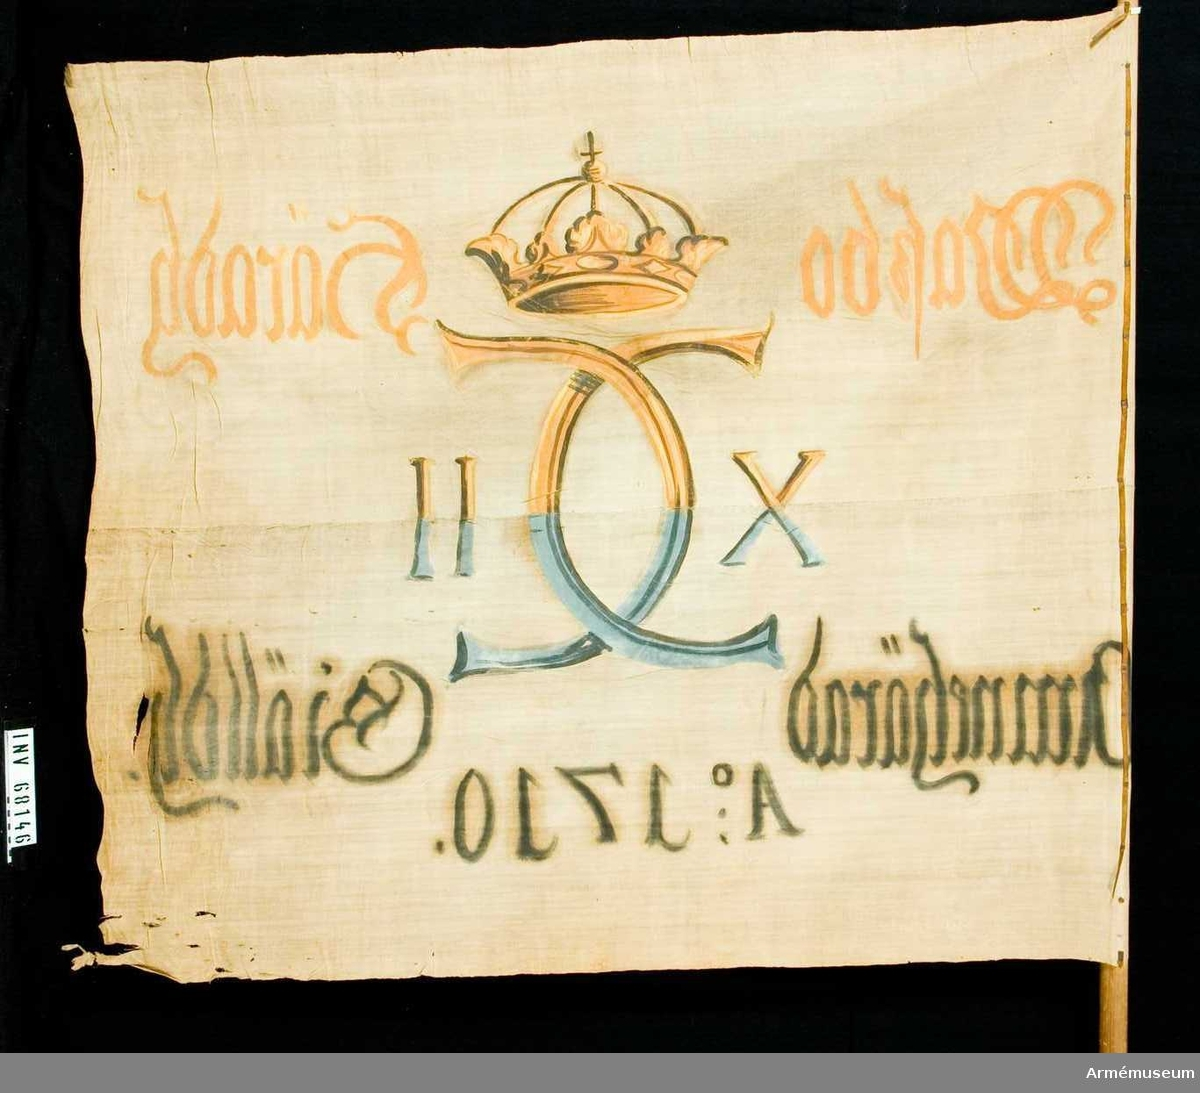 Duk: Tillverkad av enkel vit linnelärft, sammansydd av två våder. Stad i över- och underkanten, fållen lagd åt dukens utsida (i den vertikala ytterkanten). Fäst med en rad järnnagel på en liten, något defekt, skinnremsa.  Dekor: Målad i mitten, endast på dukens insida, Carl XII:s namnchiffer, krönt med sluten krona, dubbelt C. Text på ömse sidor om chiffret, upptill i gult och nedtill i svart. Under allt detta text i svart.  Stång: Tillverkad av trä. Relativt kraftig. Avfasad längst ner.